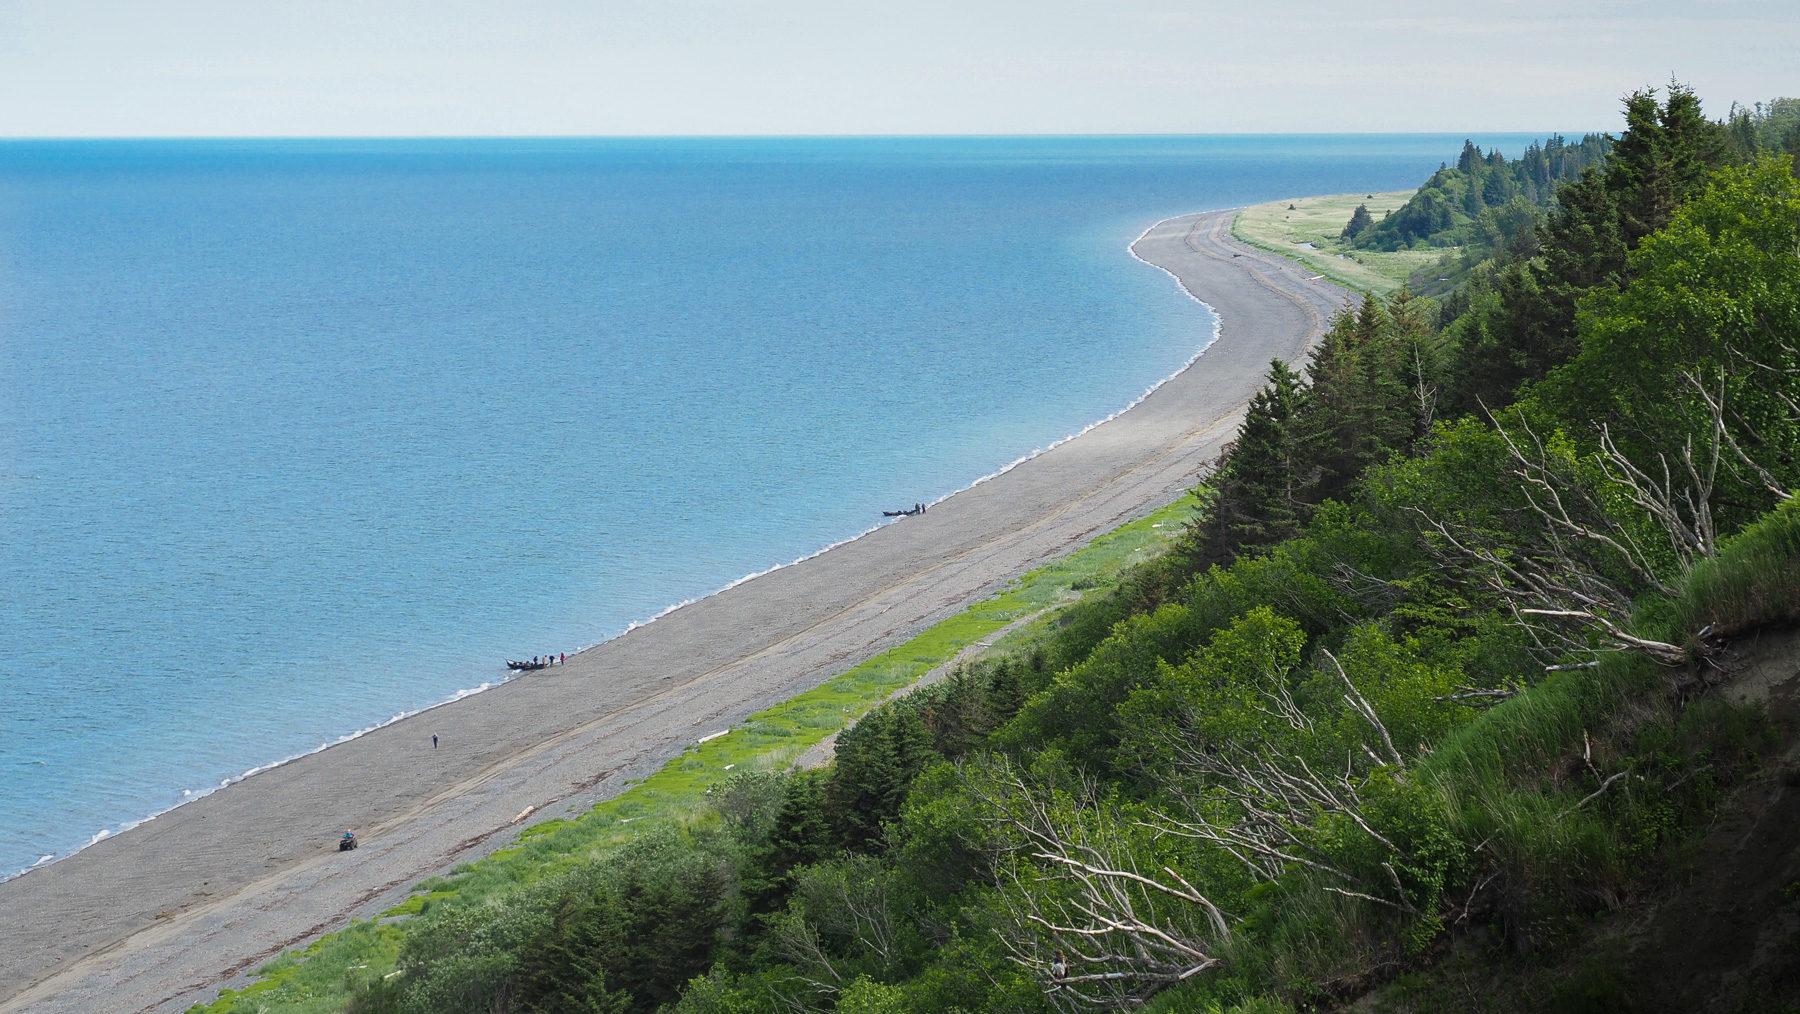 schöner Strand bei Anchor Point, allerdings nur 12 Grad